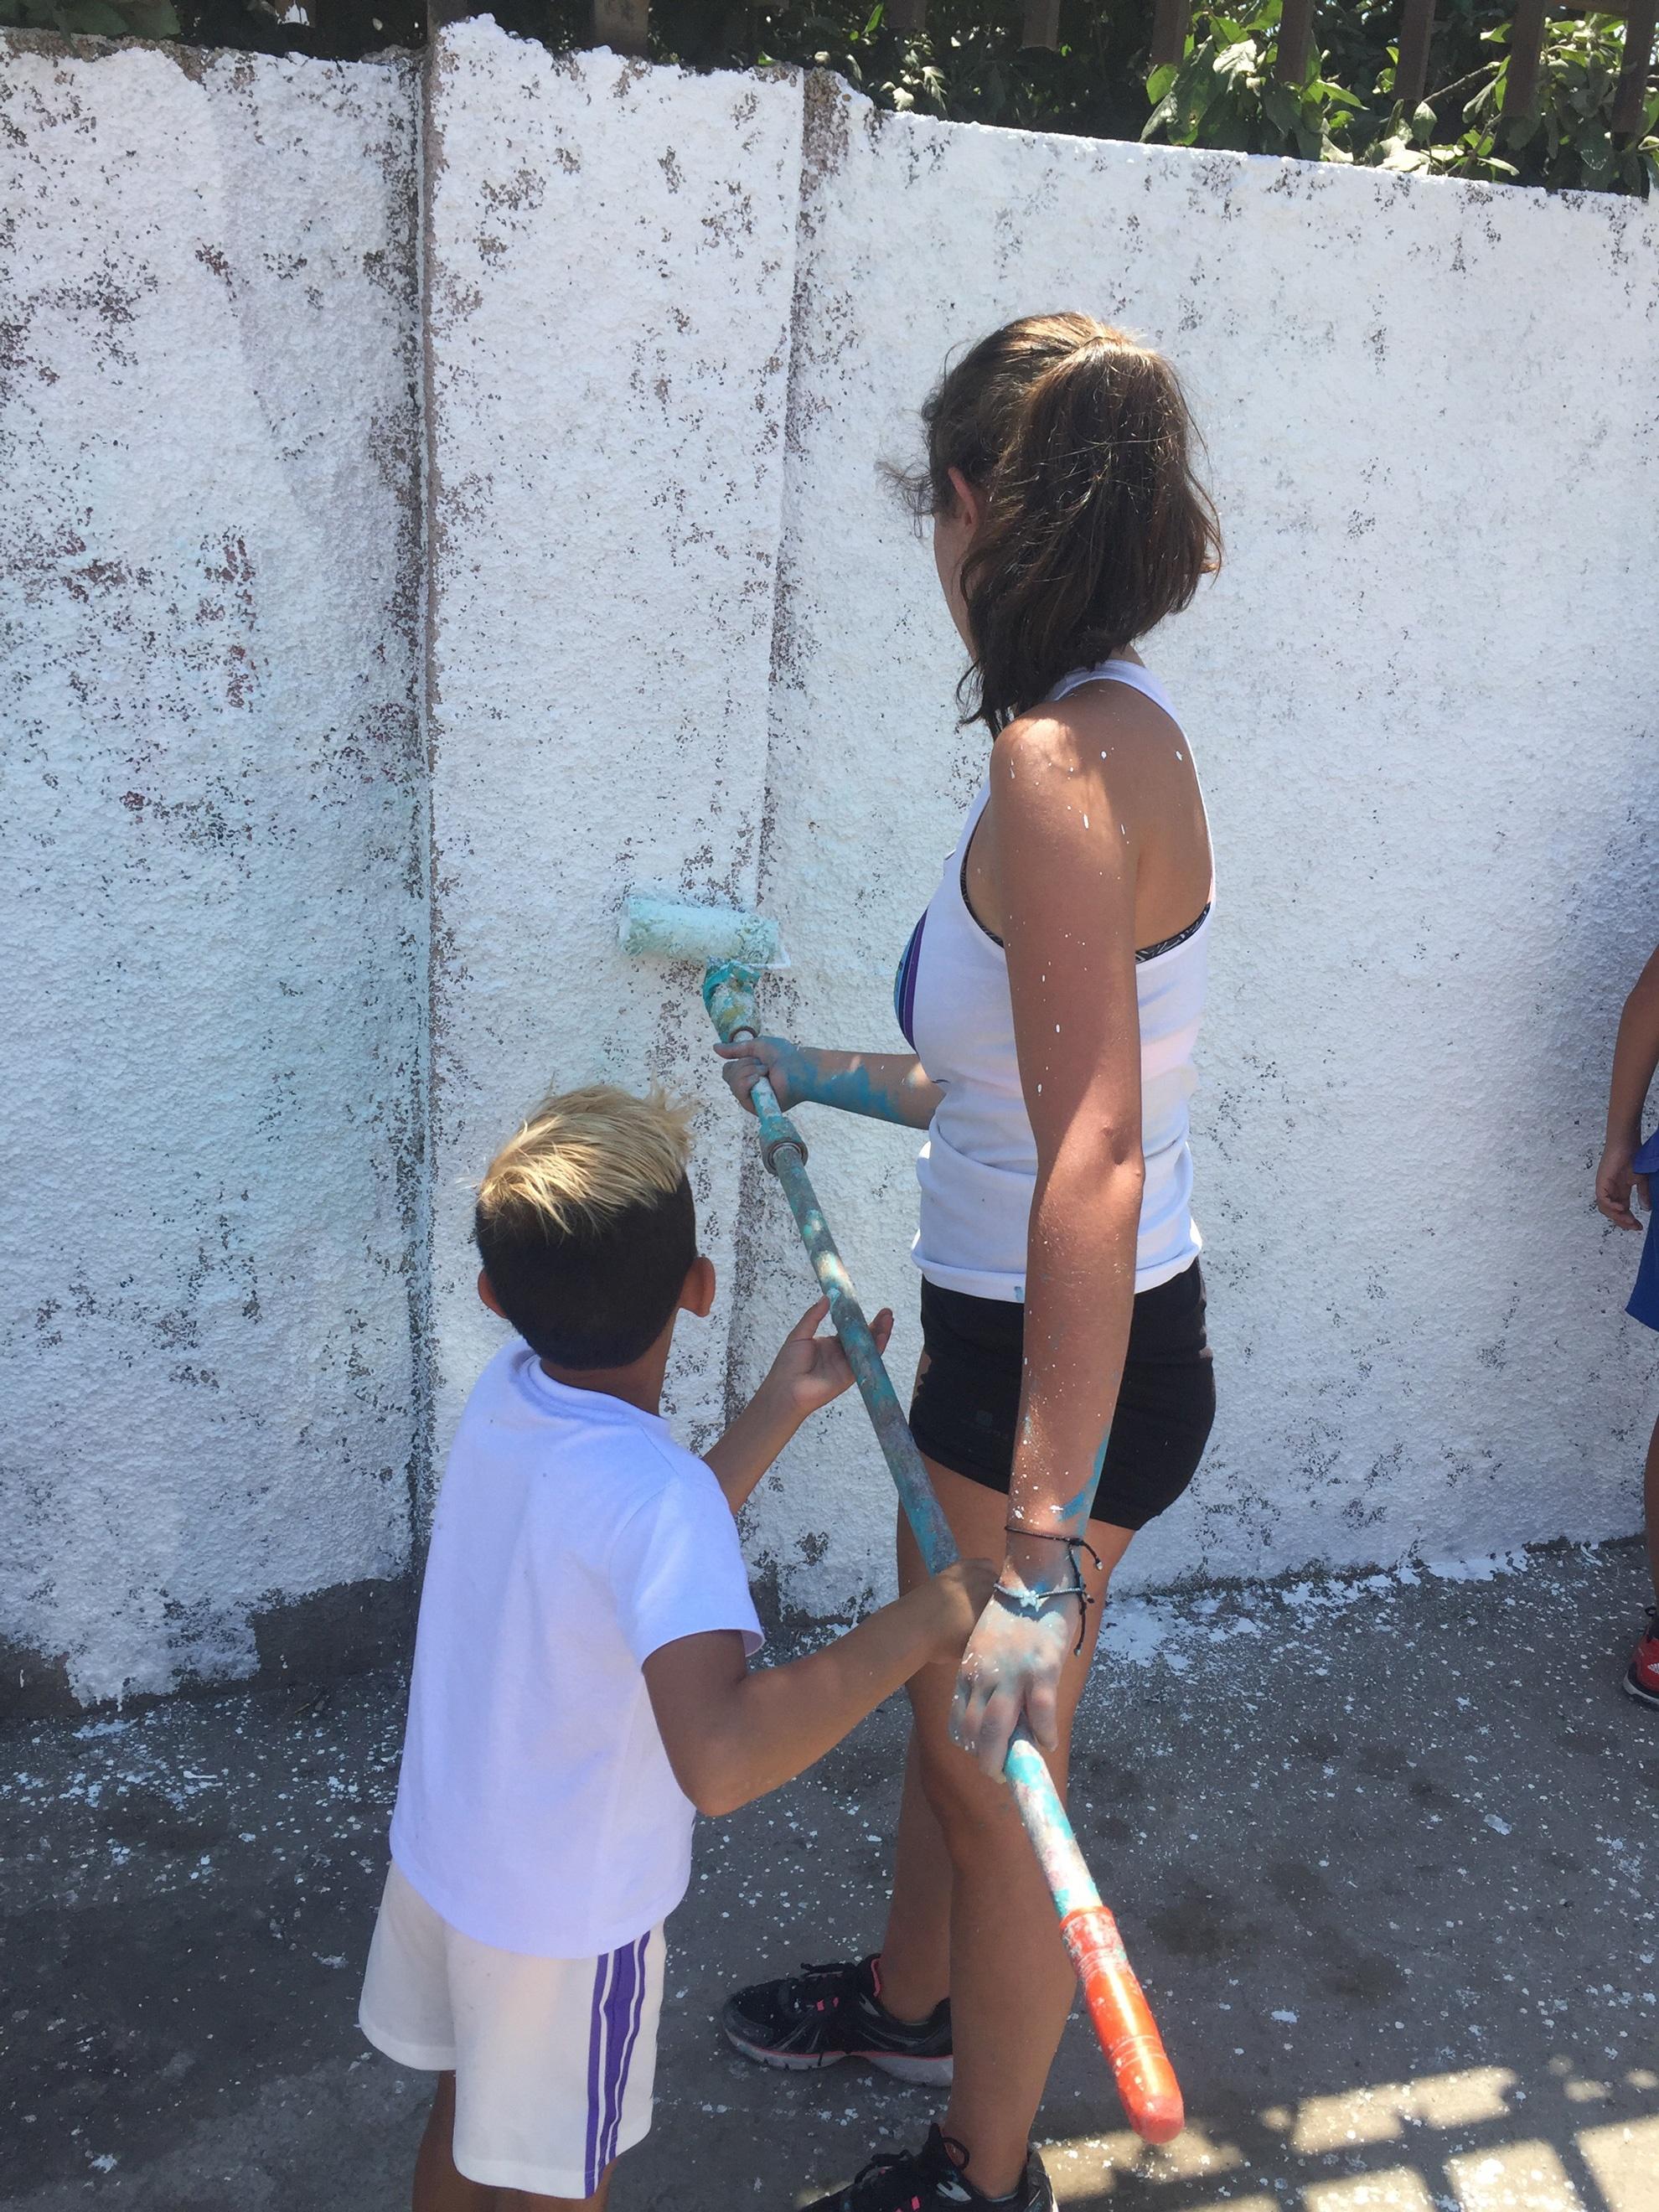 Una chica con un niño pintan una pared de blanco